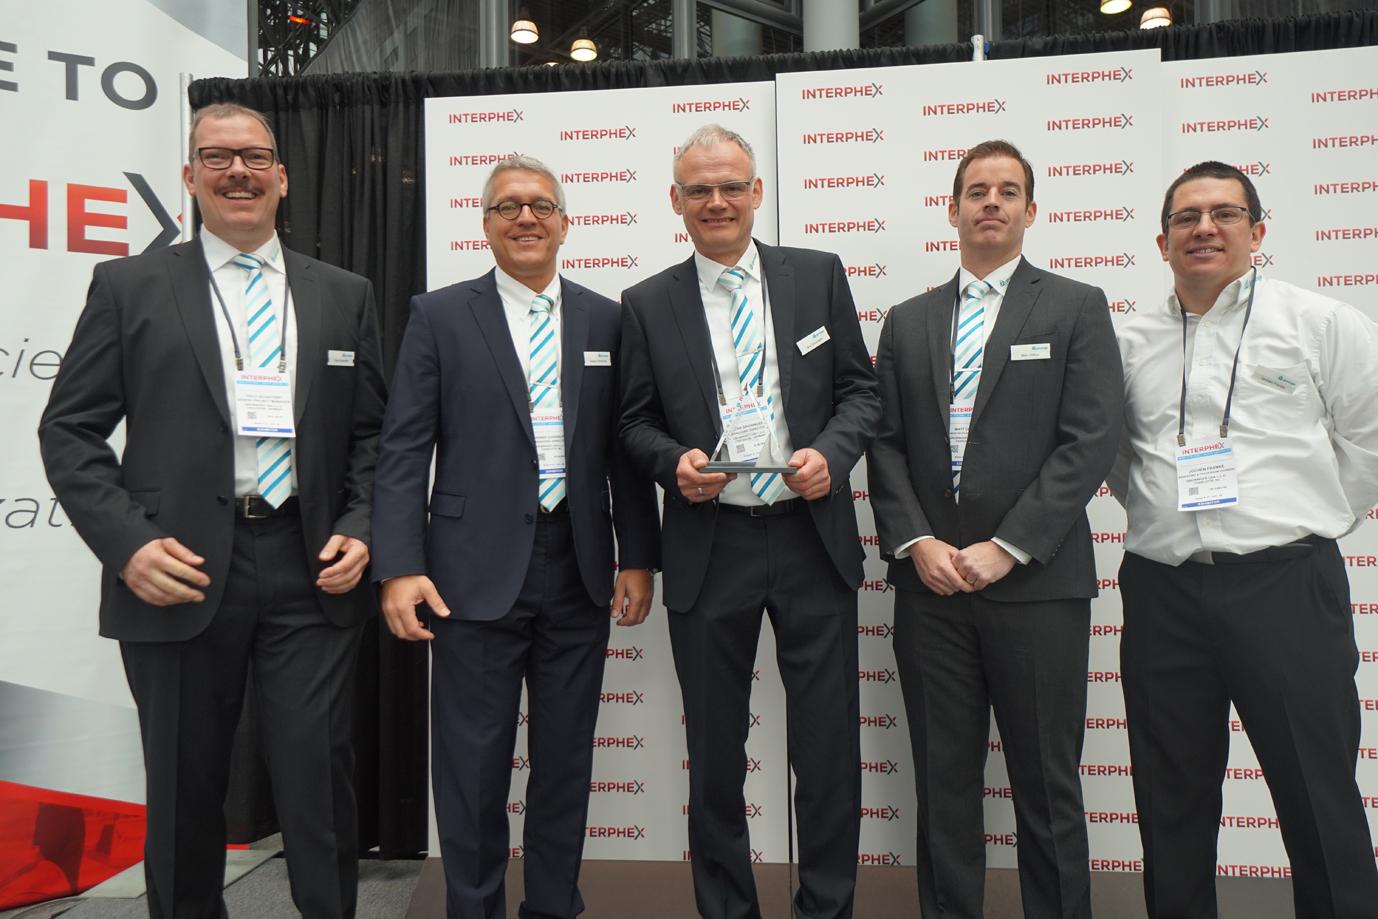 Geschäftsführer Jens Groninger (Mitte) nimmt mit Heiner Dornburg (2.v.l.) und Kollegen den Biotech Innovation Award der INTERPHEX entgegen.